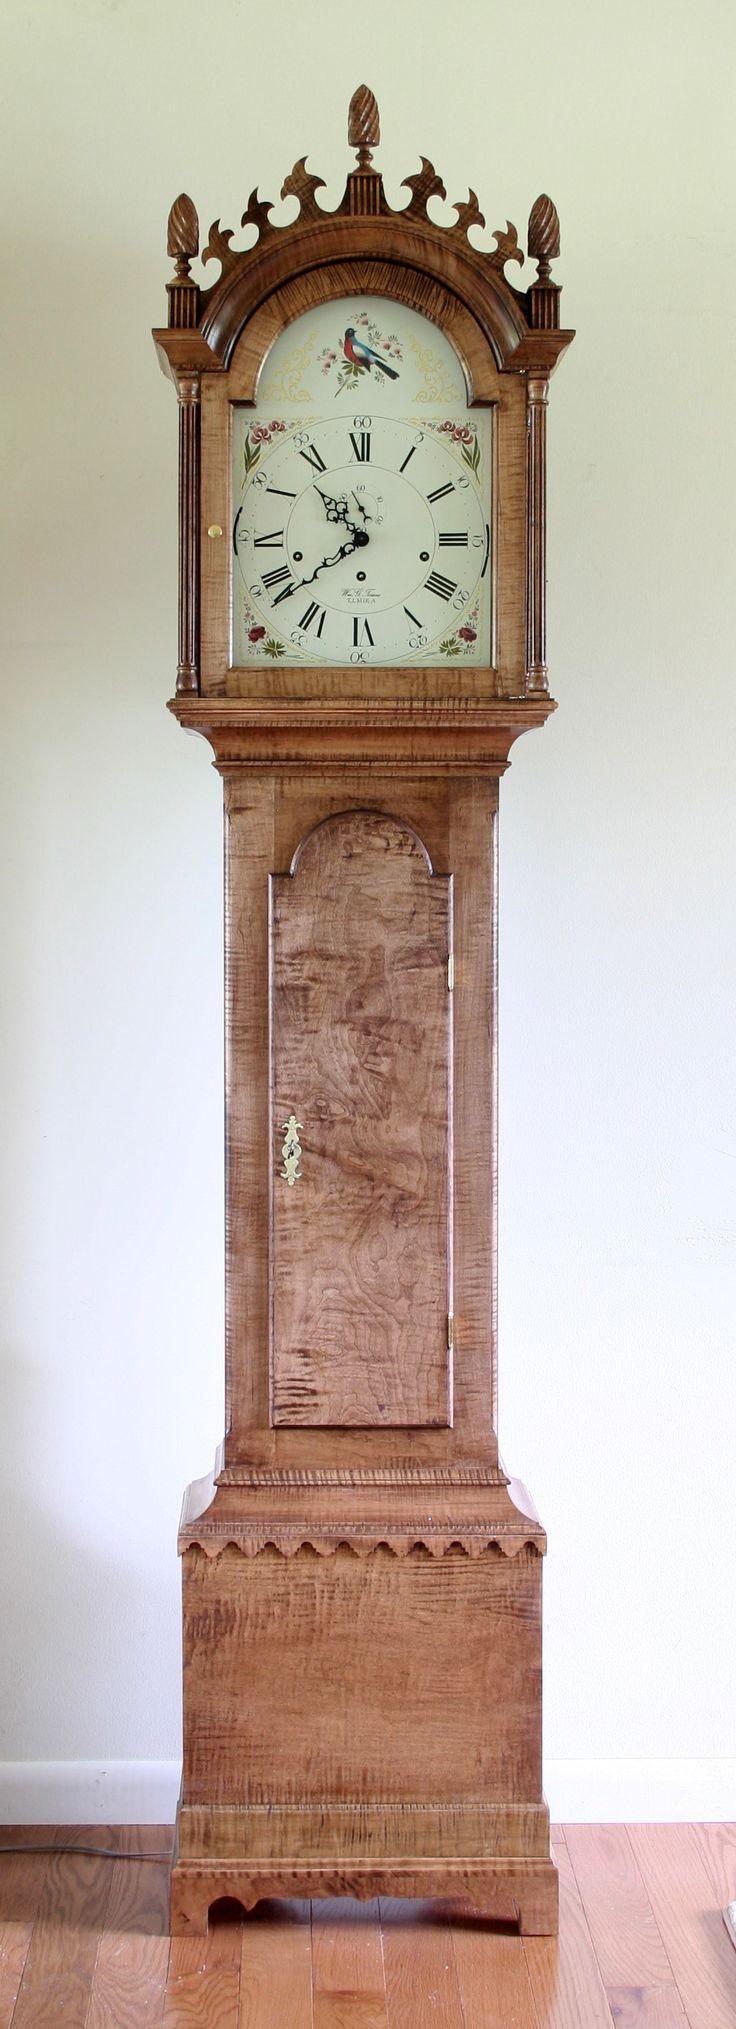 Antique Grandfather Clocks Grandmother Clocks For Sale Antique Grandfather Clocks For Sale Antique Grandfather Clocks For Sale